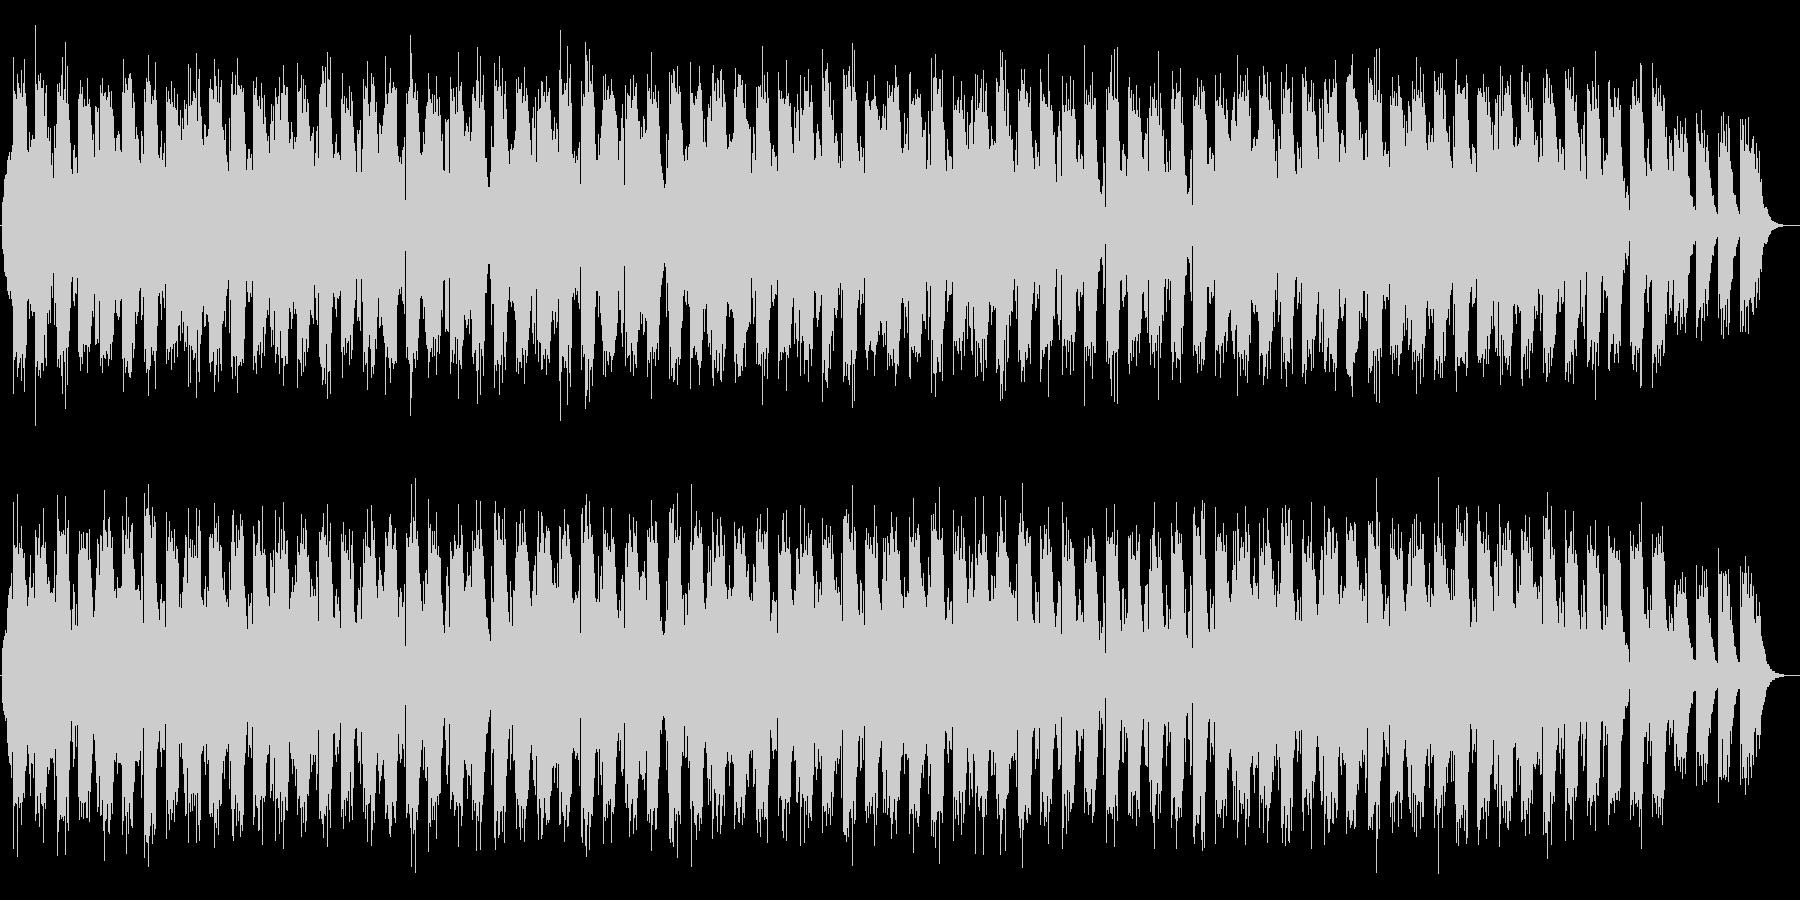 ゆったりとした二胡のBGMの未再生の波形